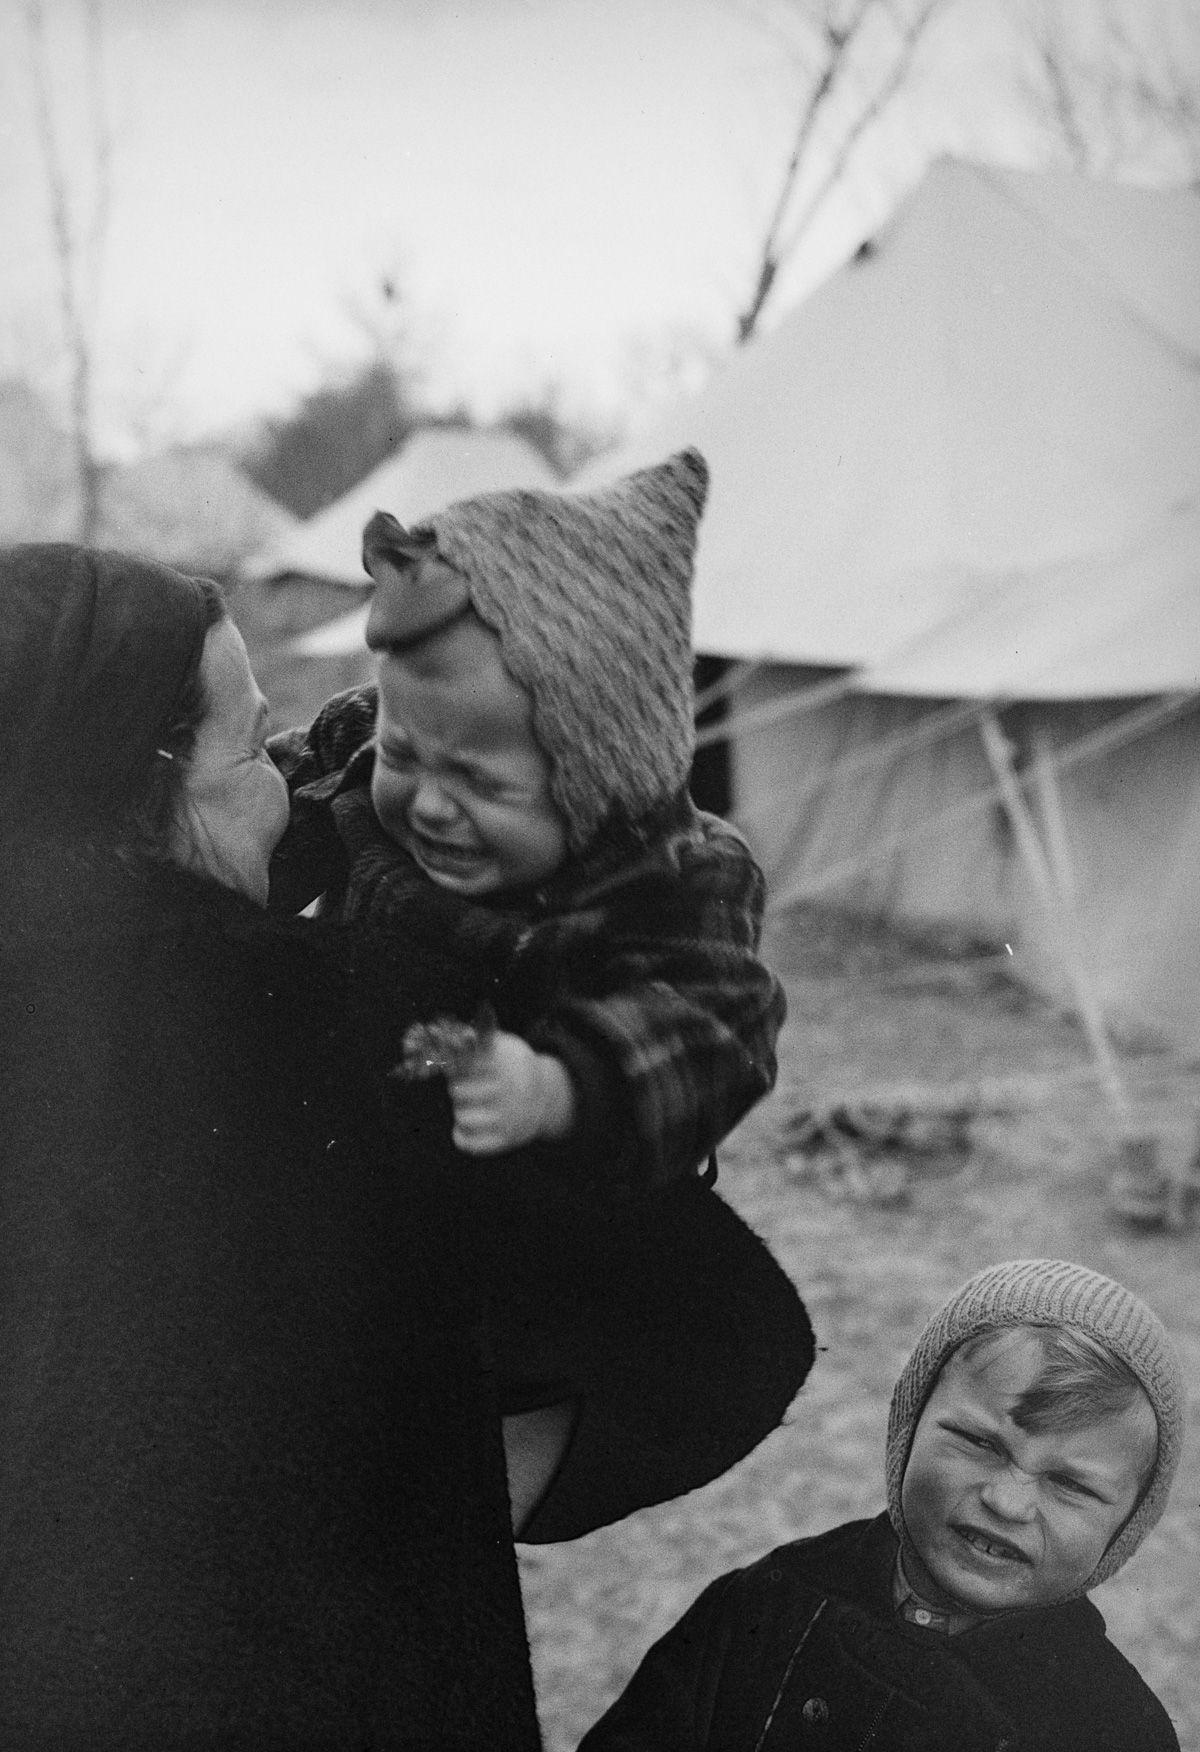 Na Segunda Guerra Mundial, refugiados poloneses encontraram seguran�a no Ir� 14